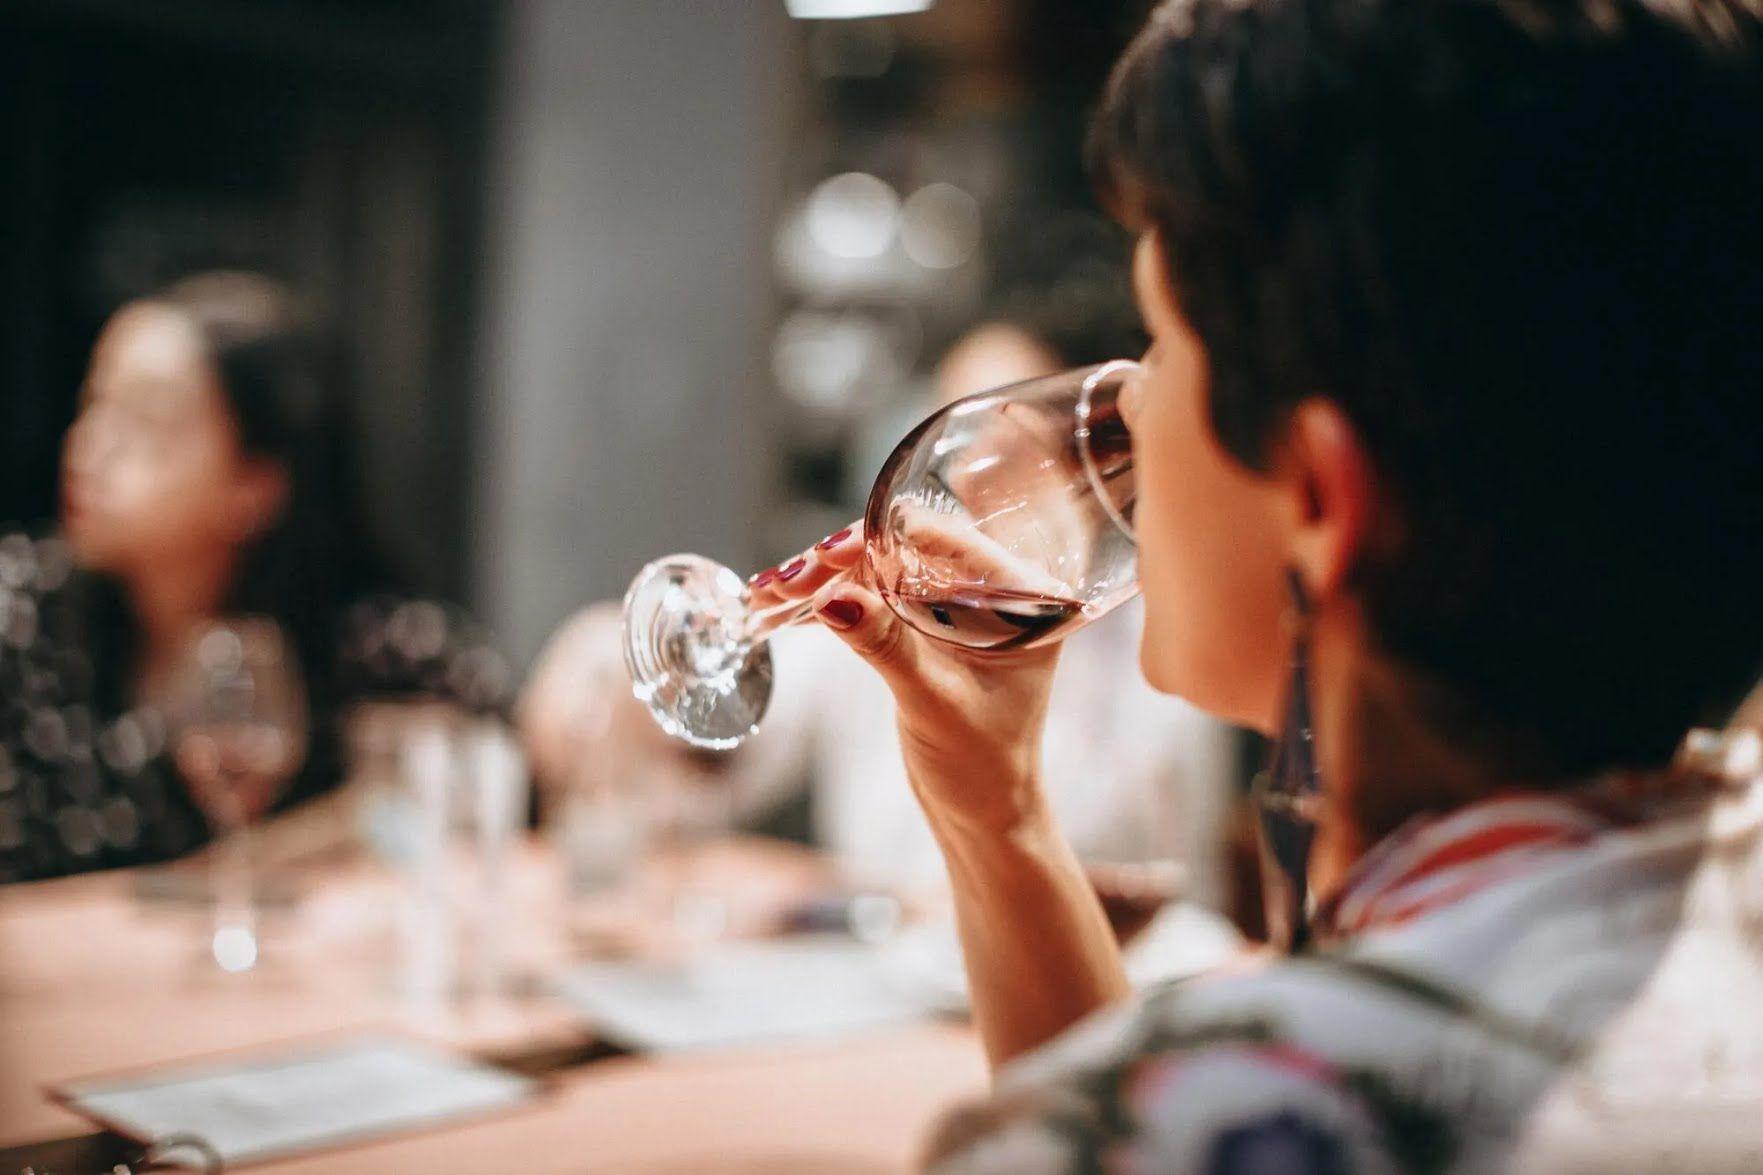 Як правильно тримати келих з вином